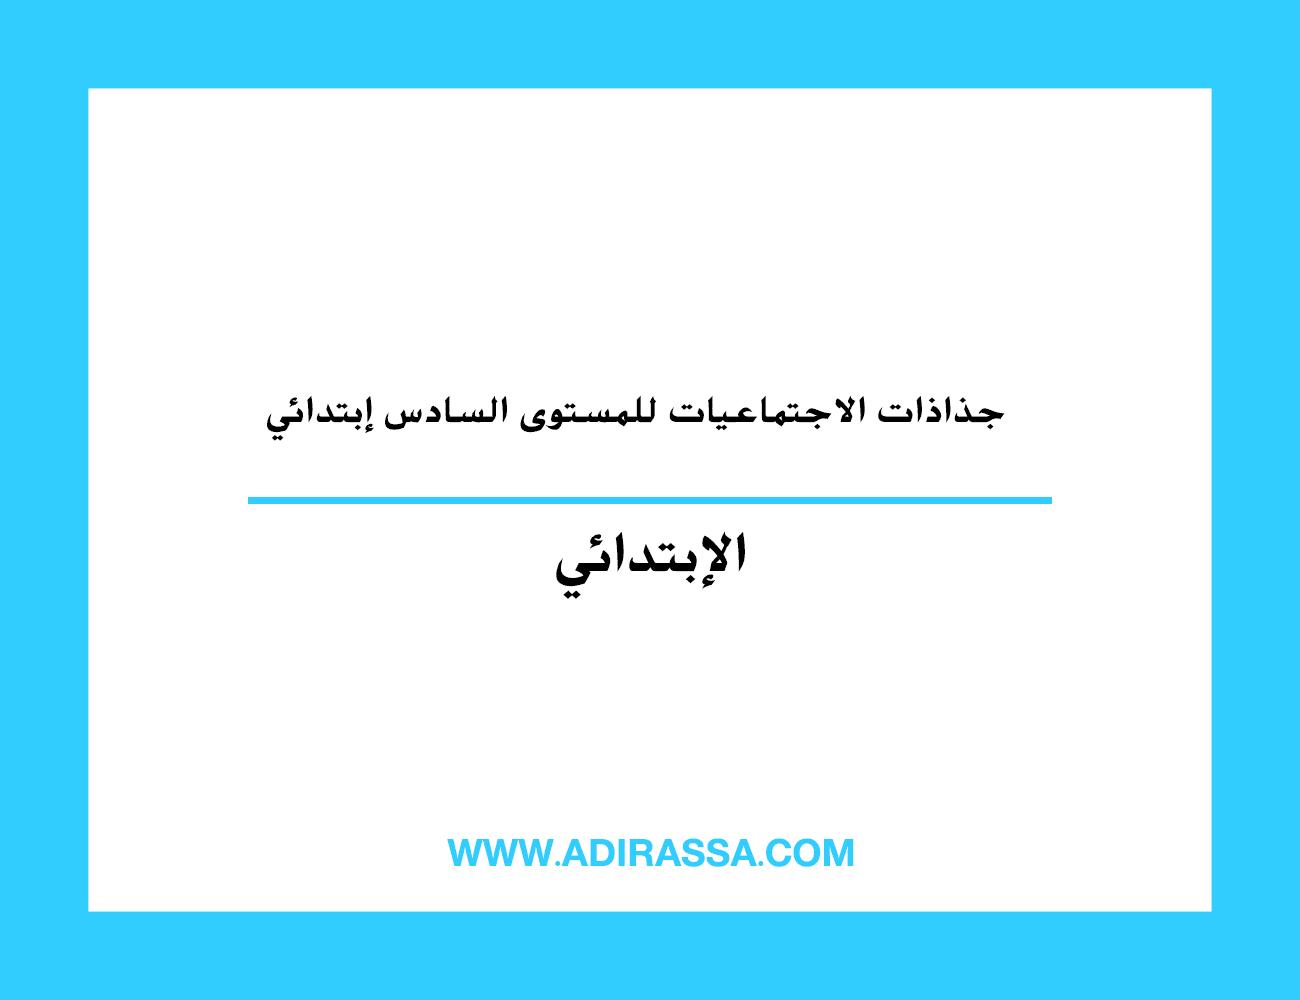 جذاذات الاجتماعيات للمستوى السادس إبتدائي بالمدرسة المغربية